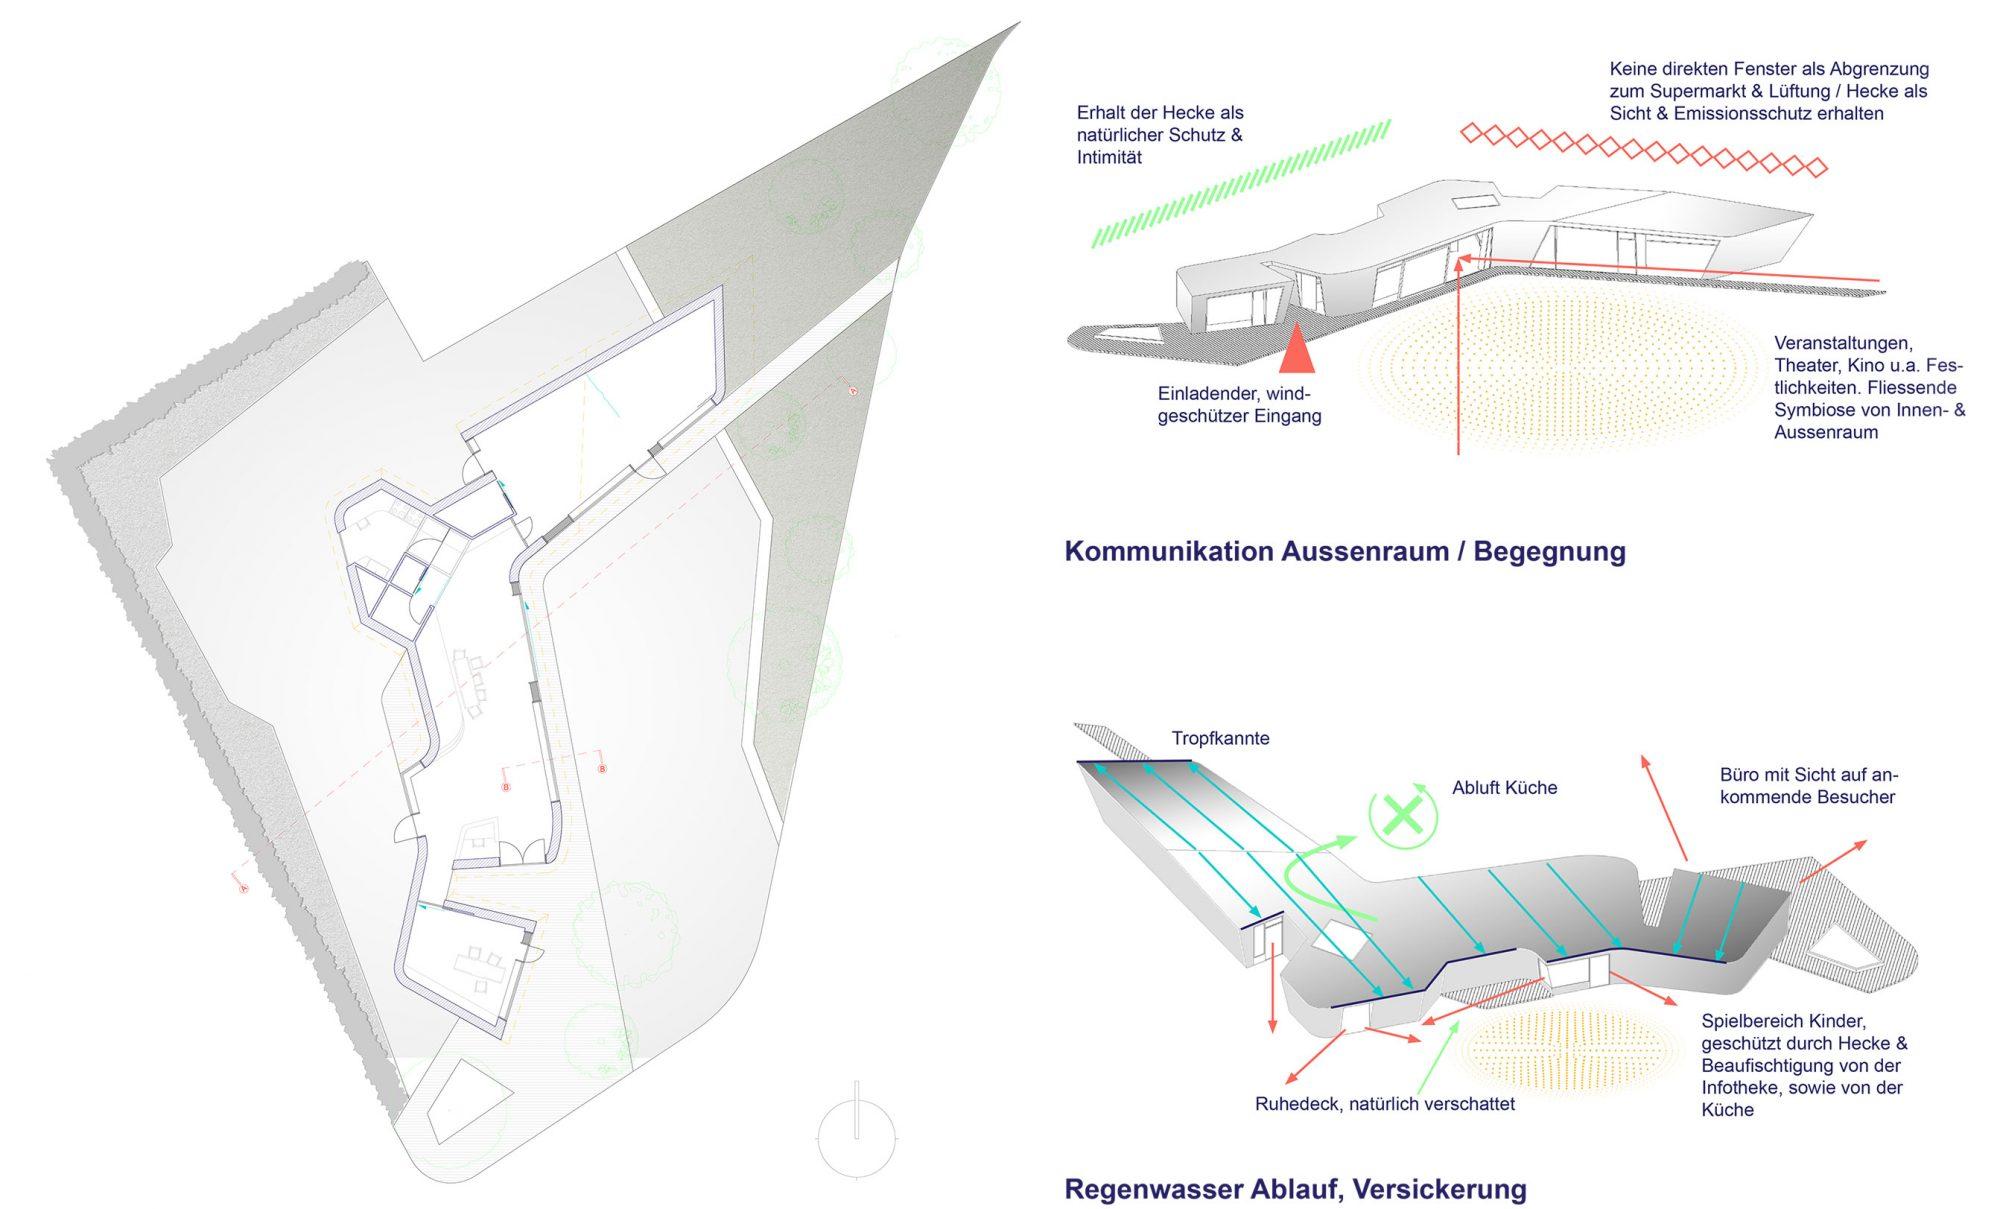 Begegnungsstätte für Flüchtlinge, Bad Honnef | Arphenotype